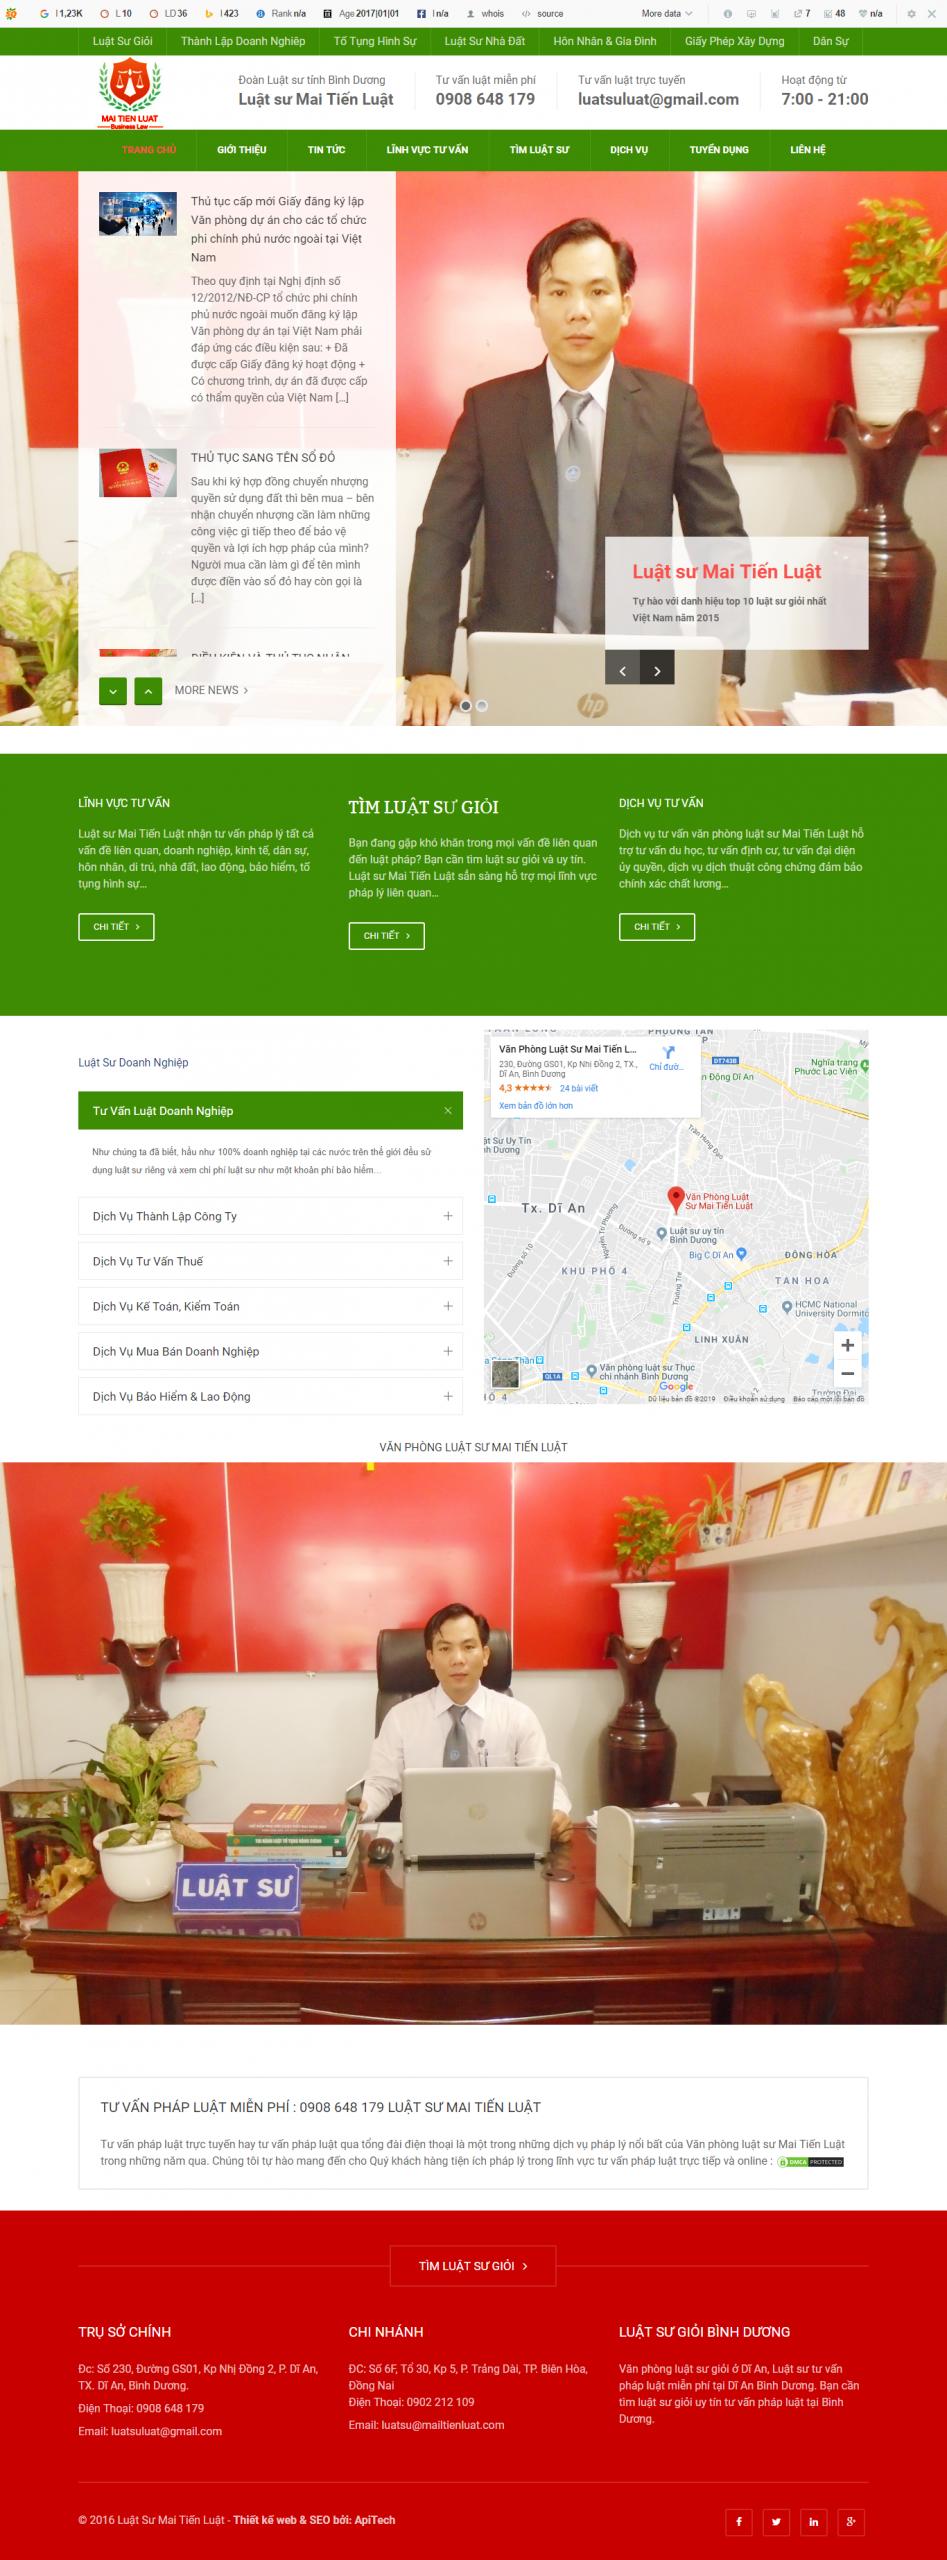 website giới thiệu công ty